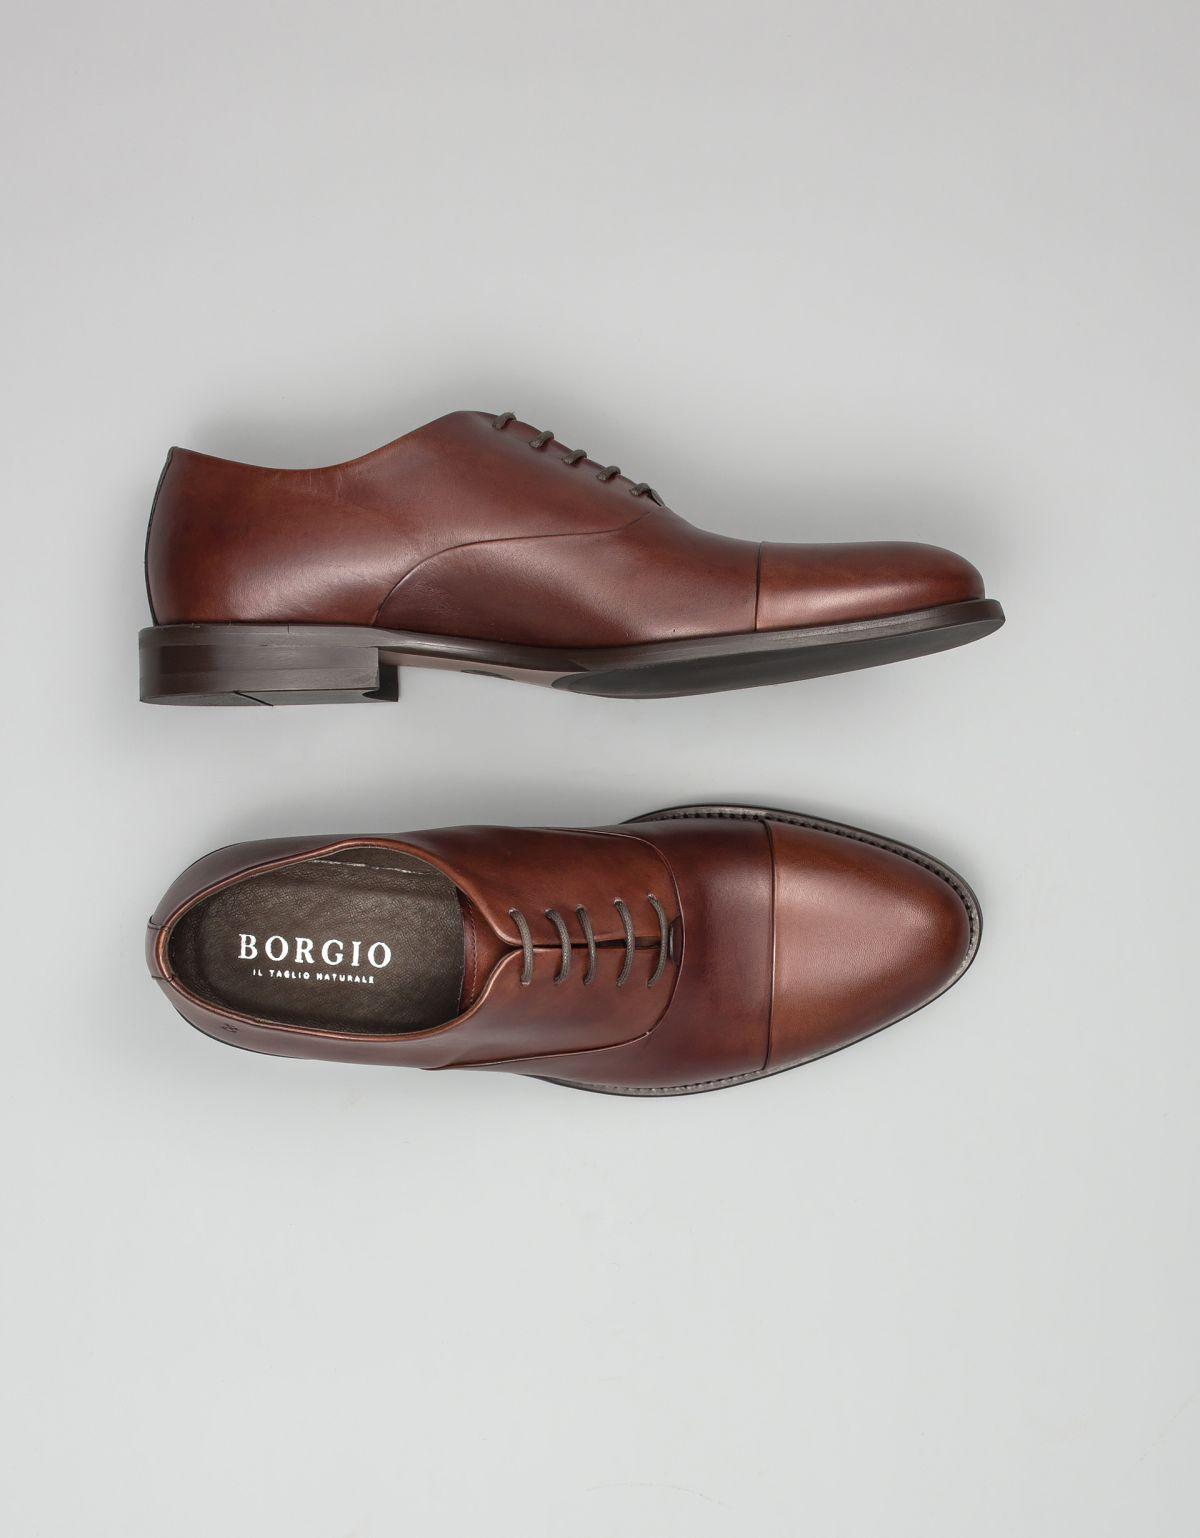 Jasnobrązowe monki - propozycja butów do granatowego garnituru